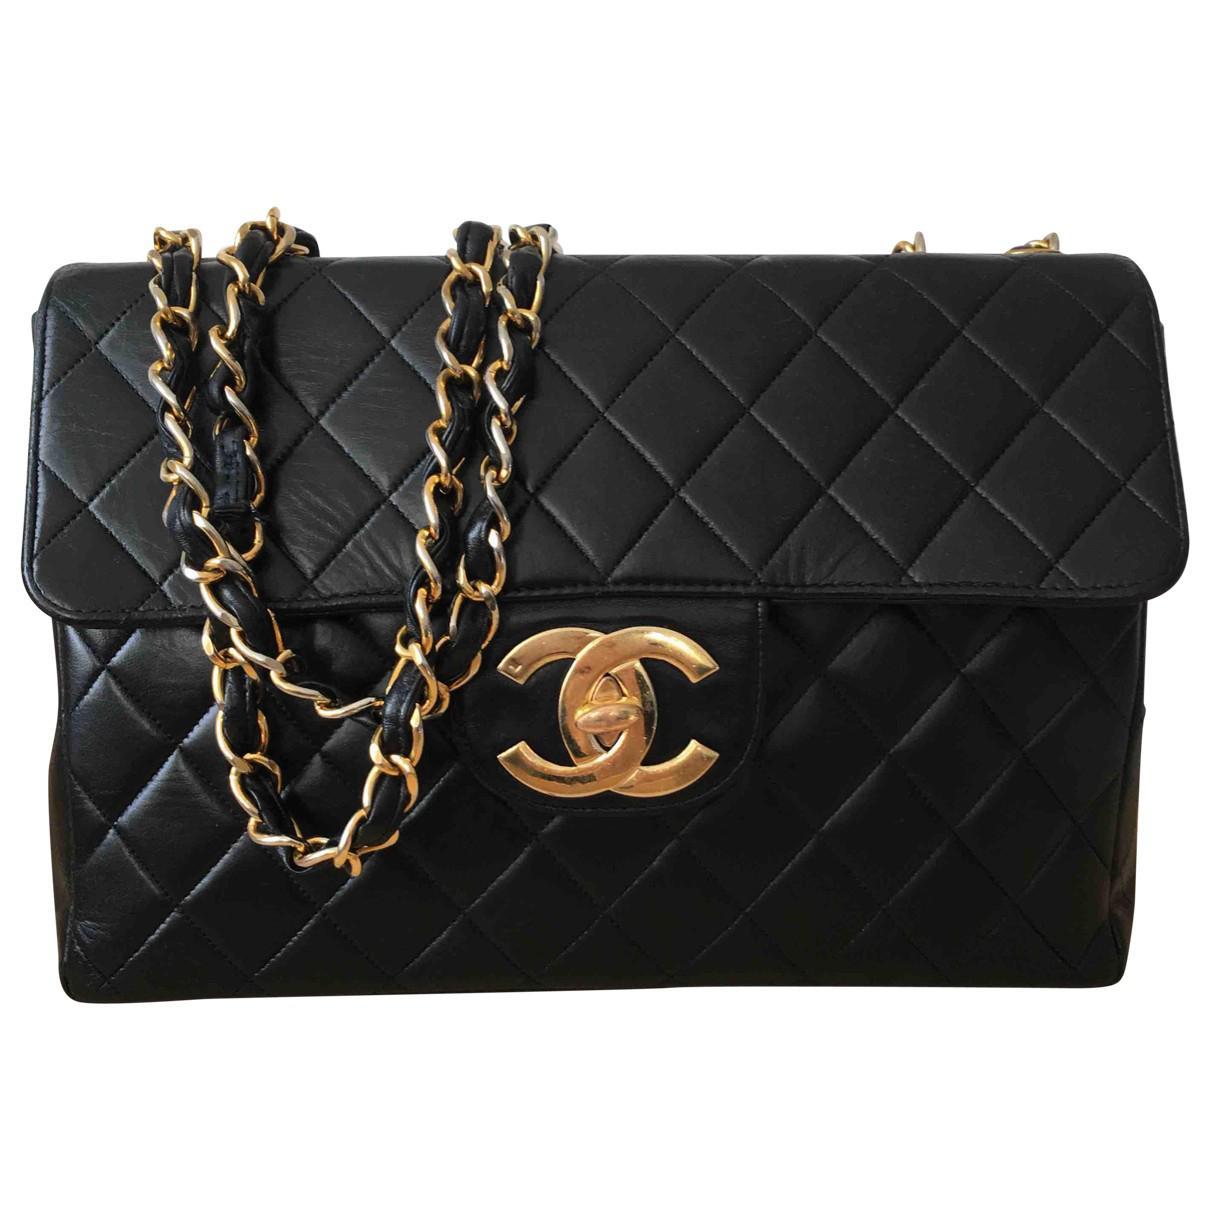 Chanel Pre-owned - Timeless handbag rAwhnSa